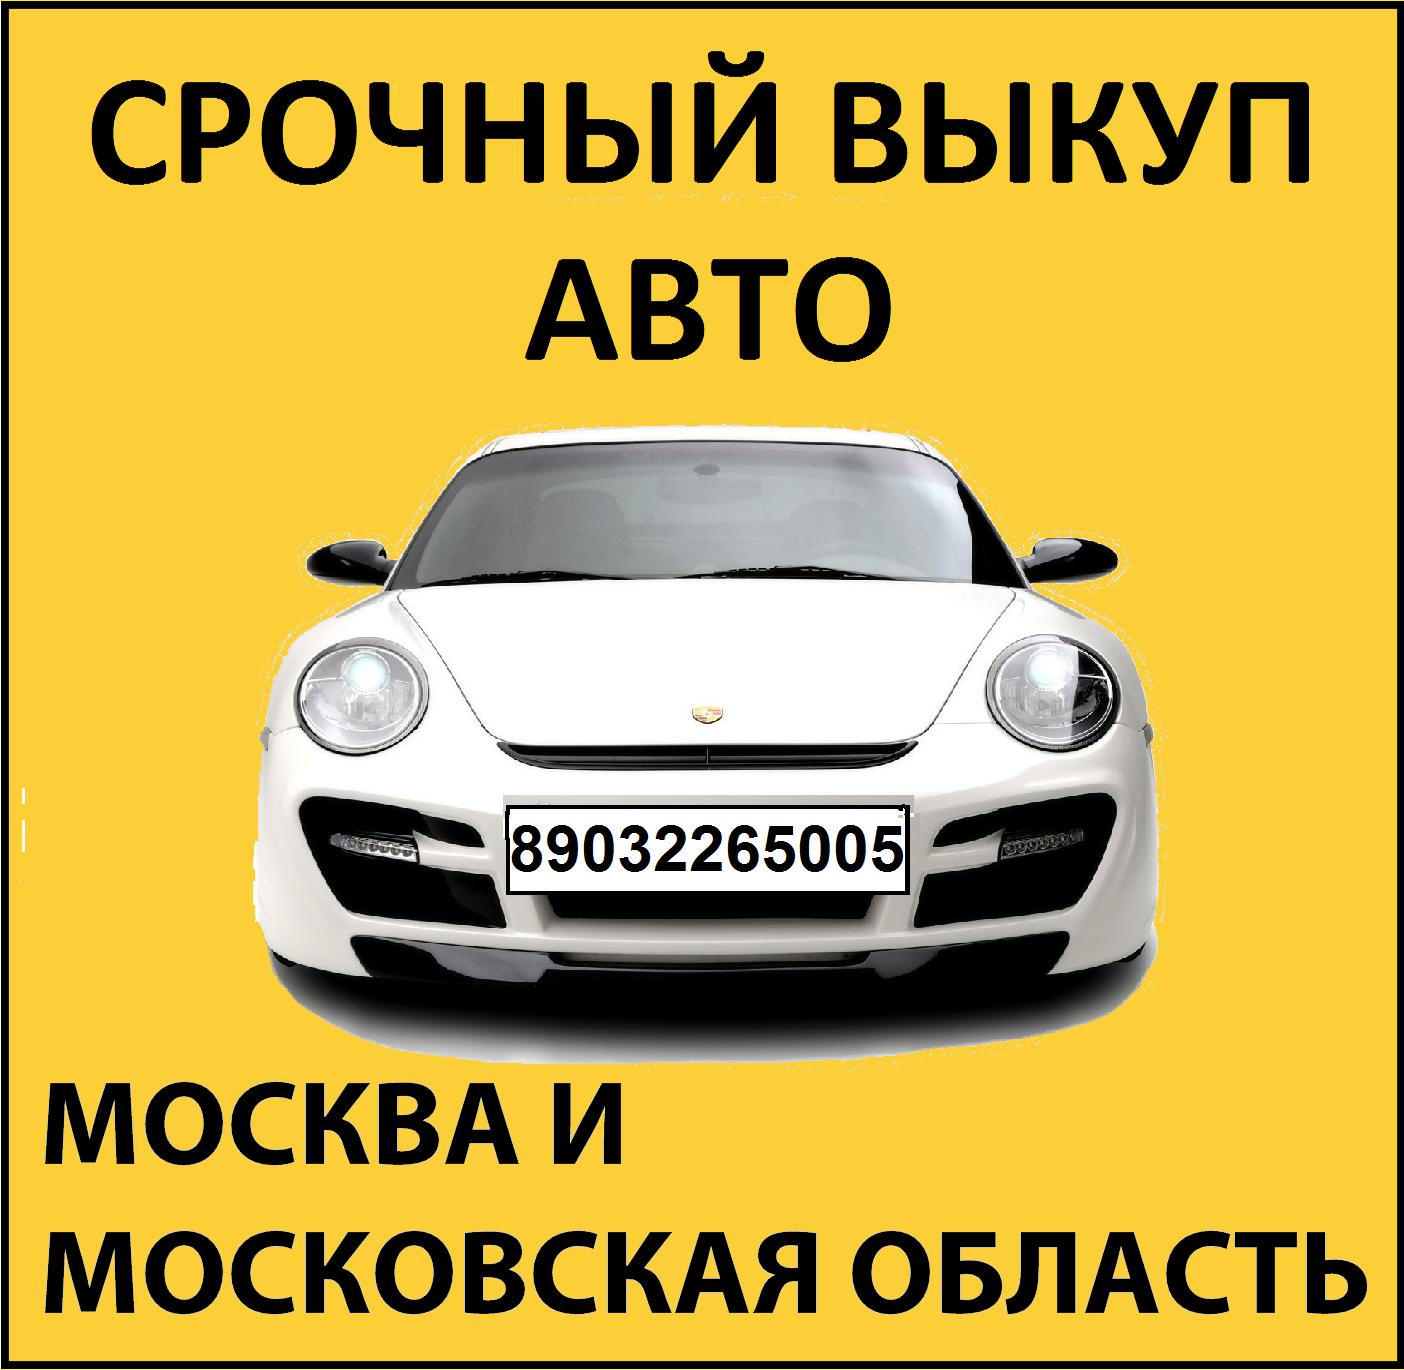 Срочный выкуп целых и битых авто с бесплатным выездом и оценкой. Икша, Москва, Московская область, +7(903)226-50-05